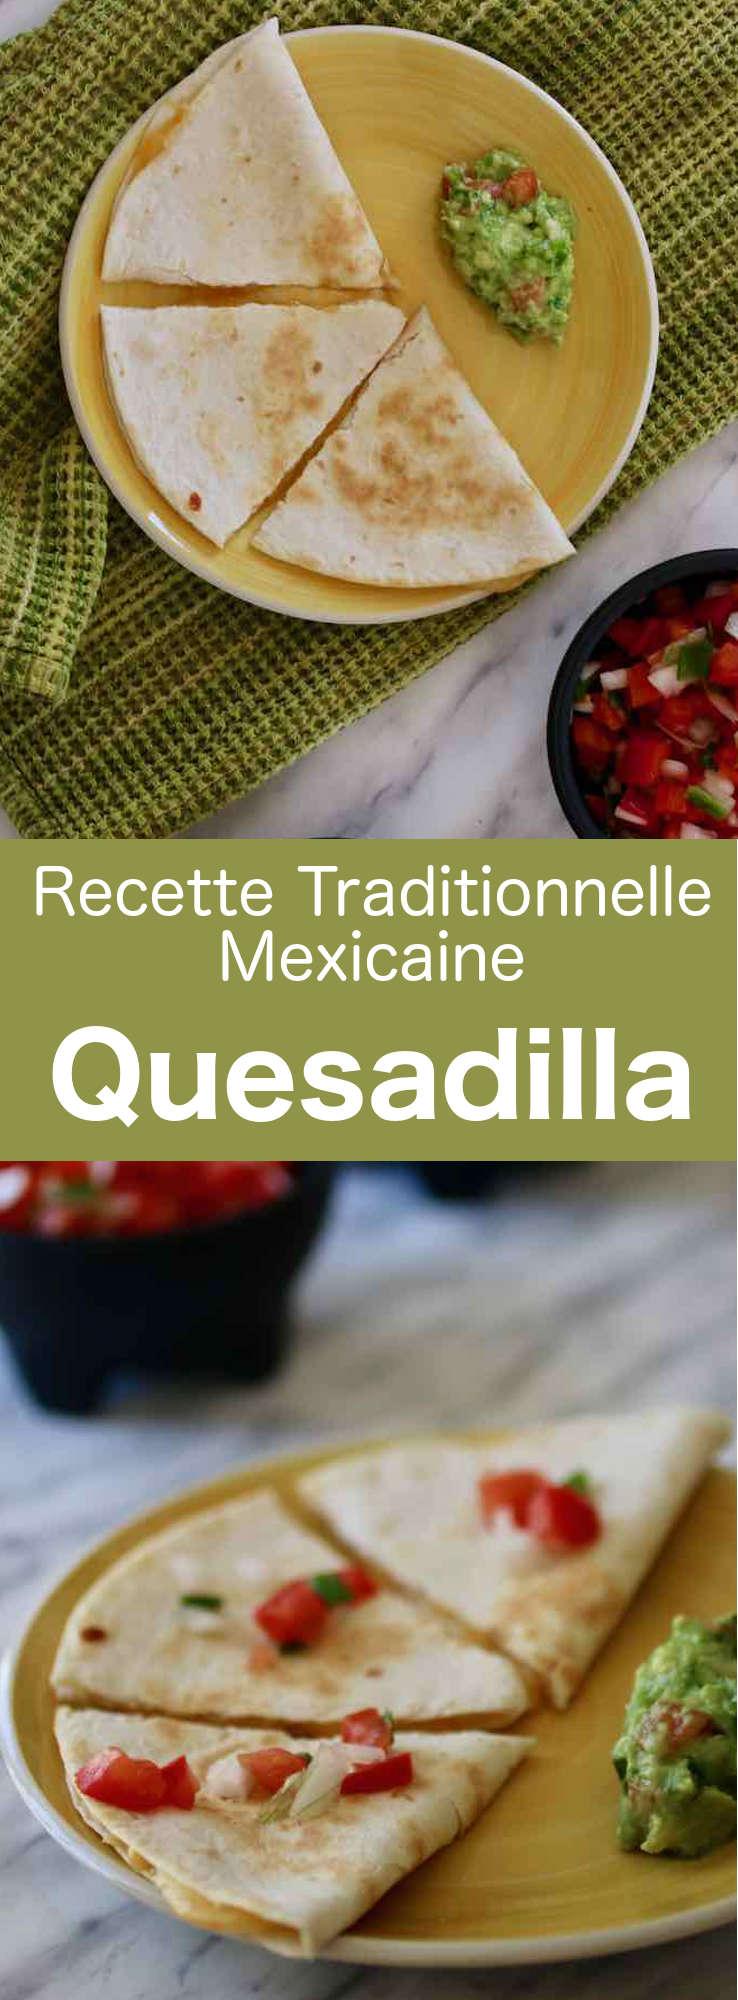 Une quesadilla est une tortilla de maïs ou de farine pliée en deux, garnie de divers ingrédients, notamment du fromage, et grillée sur un comal. #Mexique #RecetteMexicaine #CuisineDuMonde #196flavors